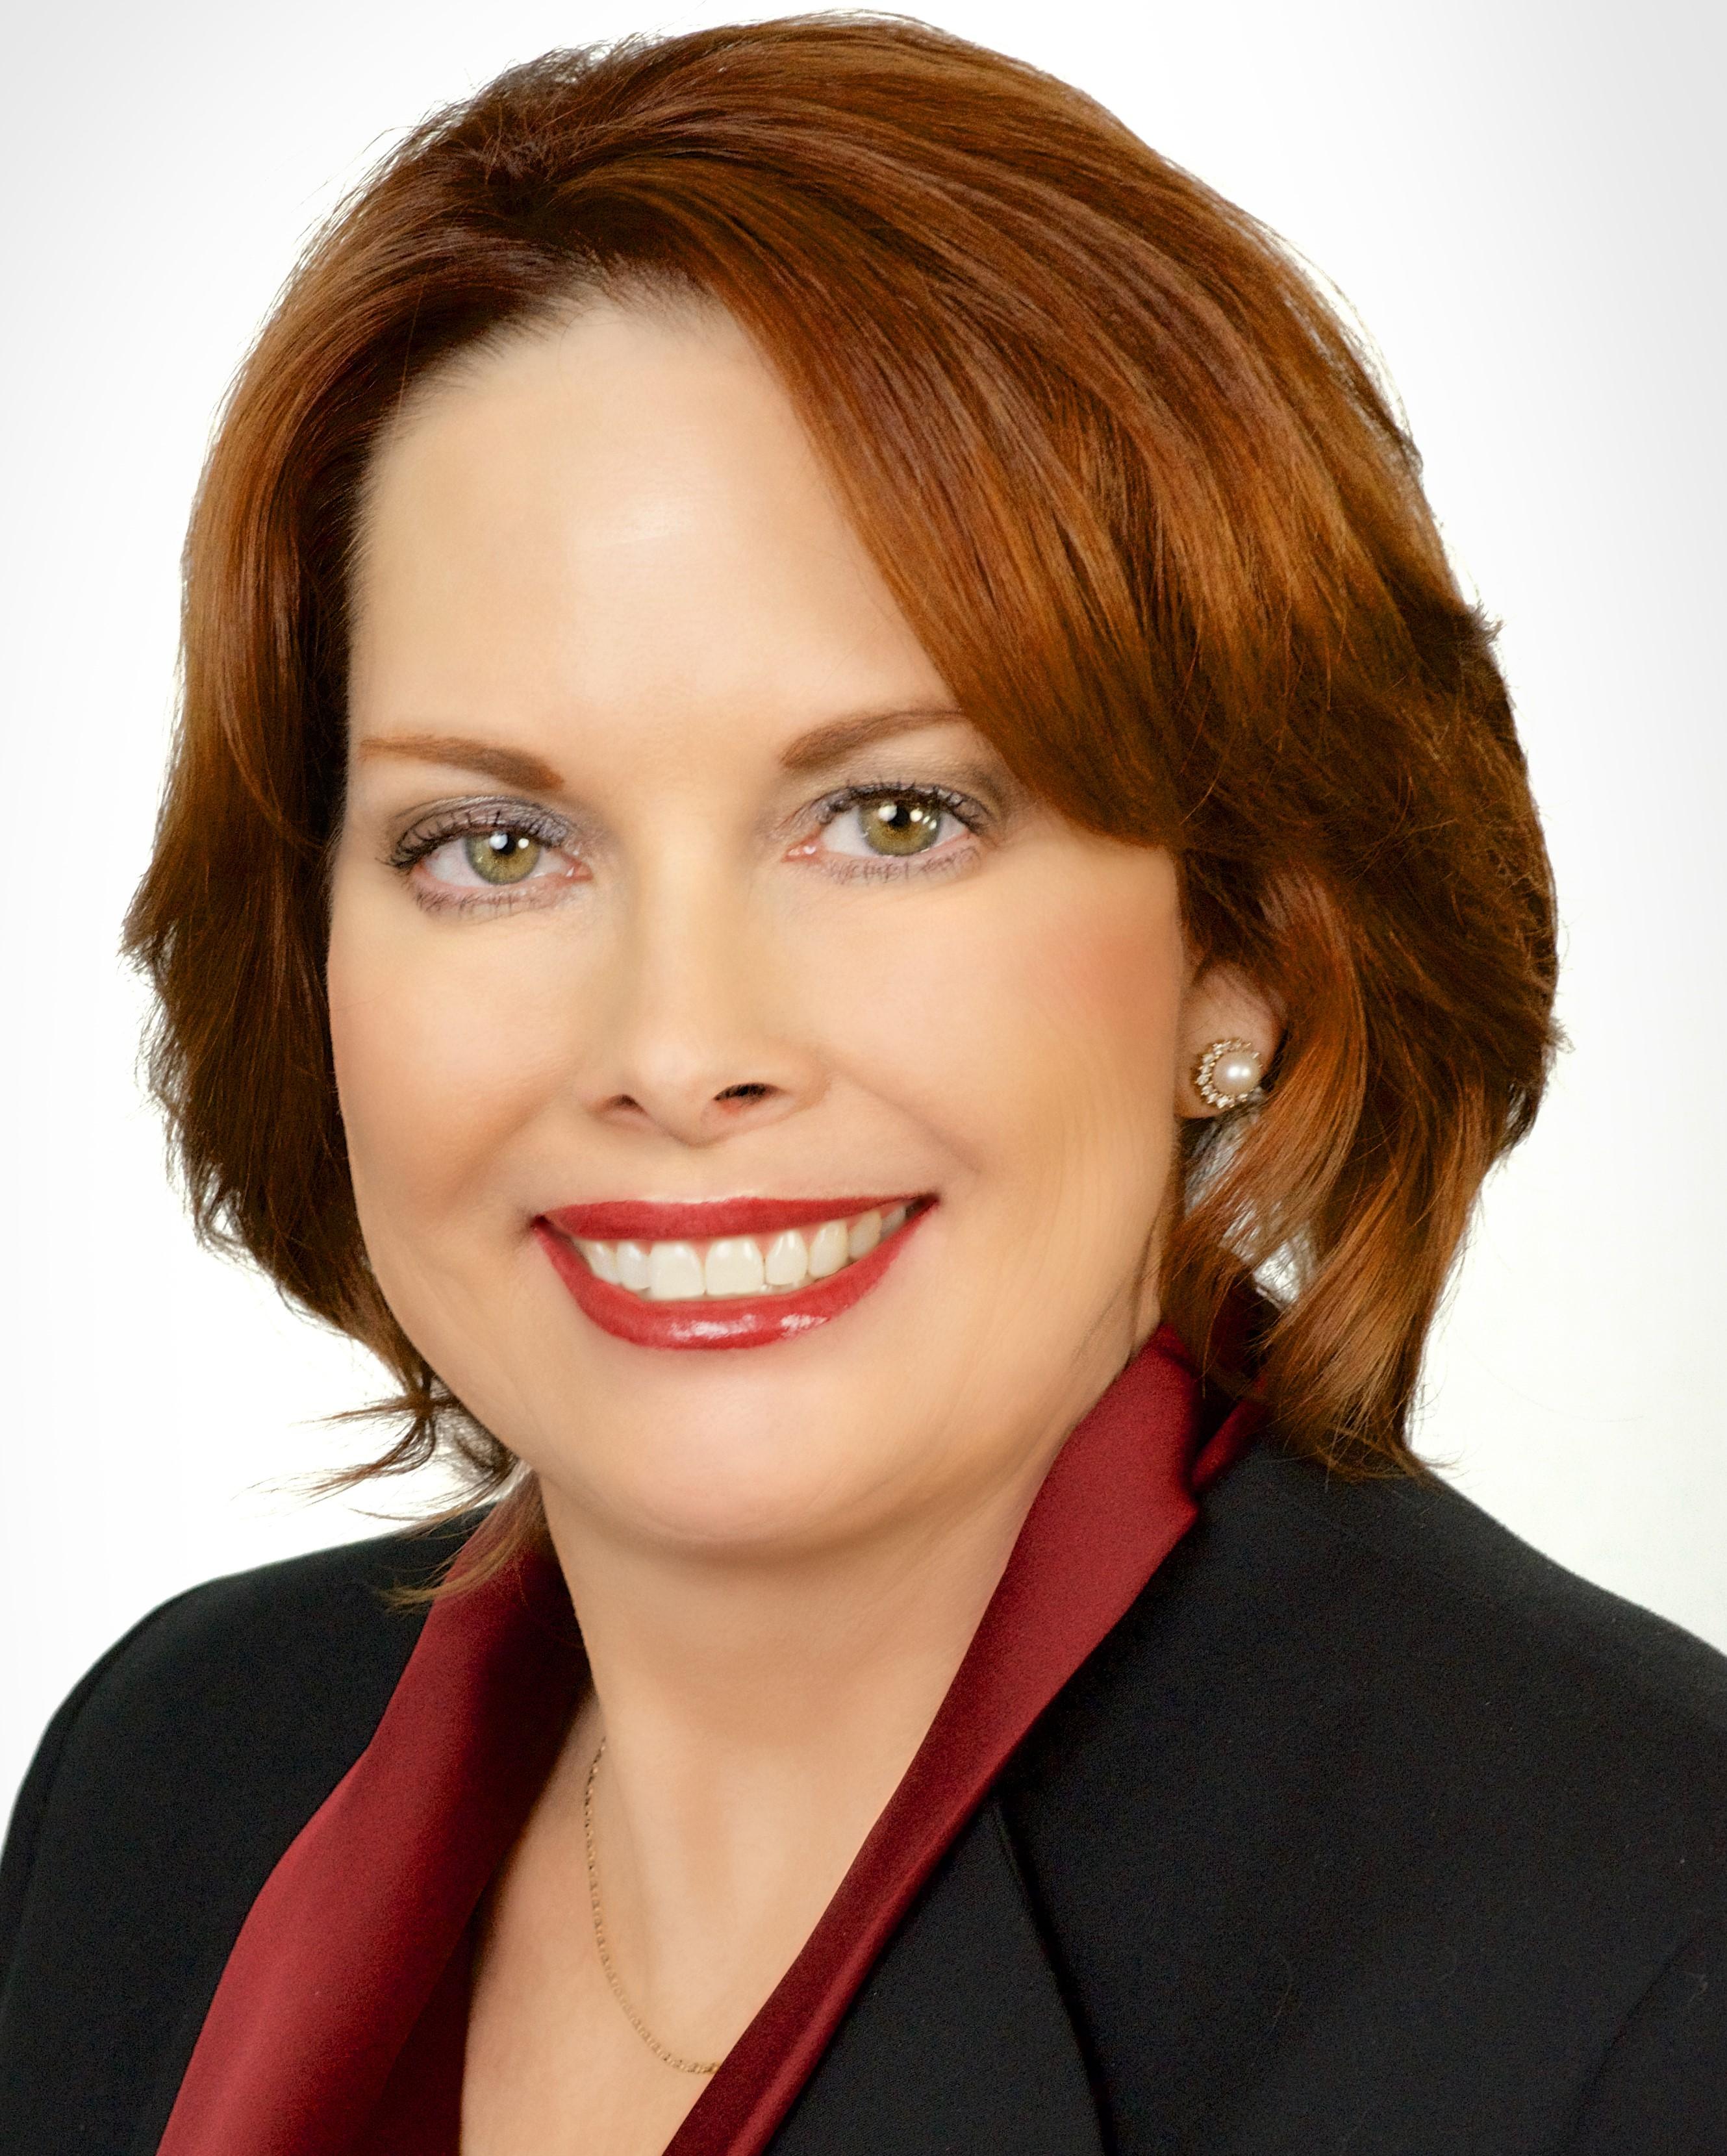 Rhonda undefined Webb